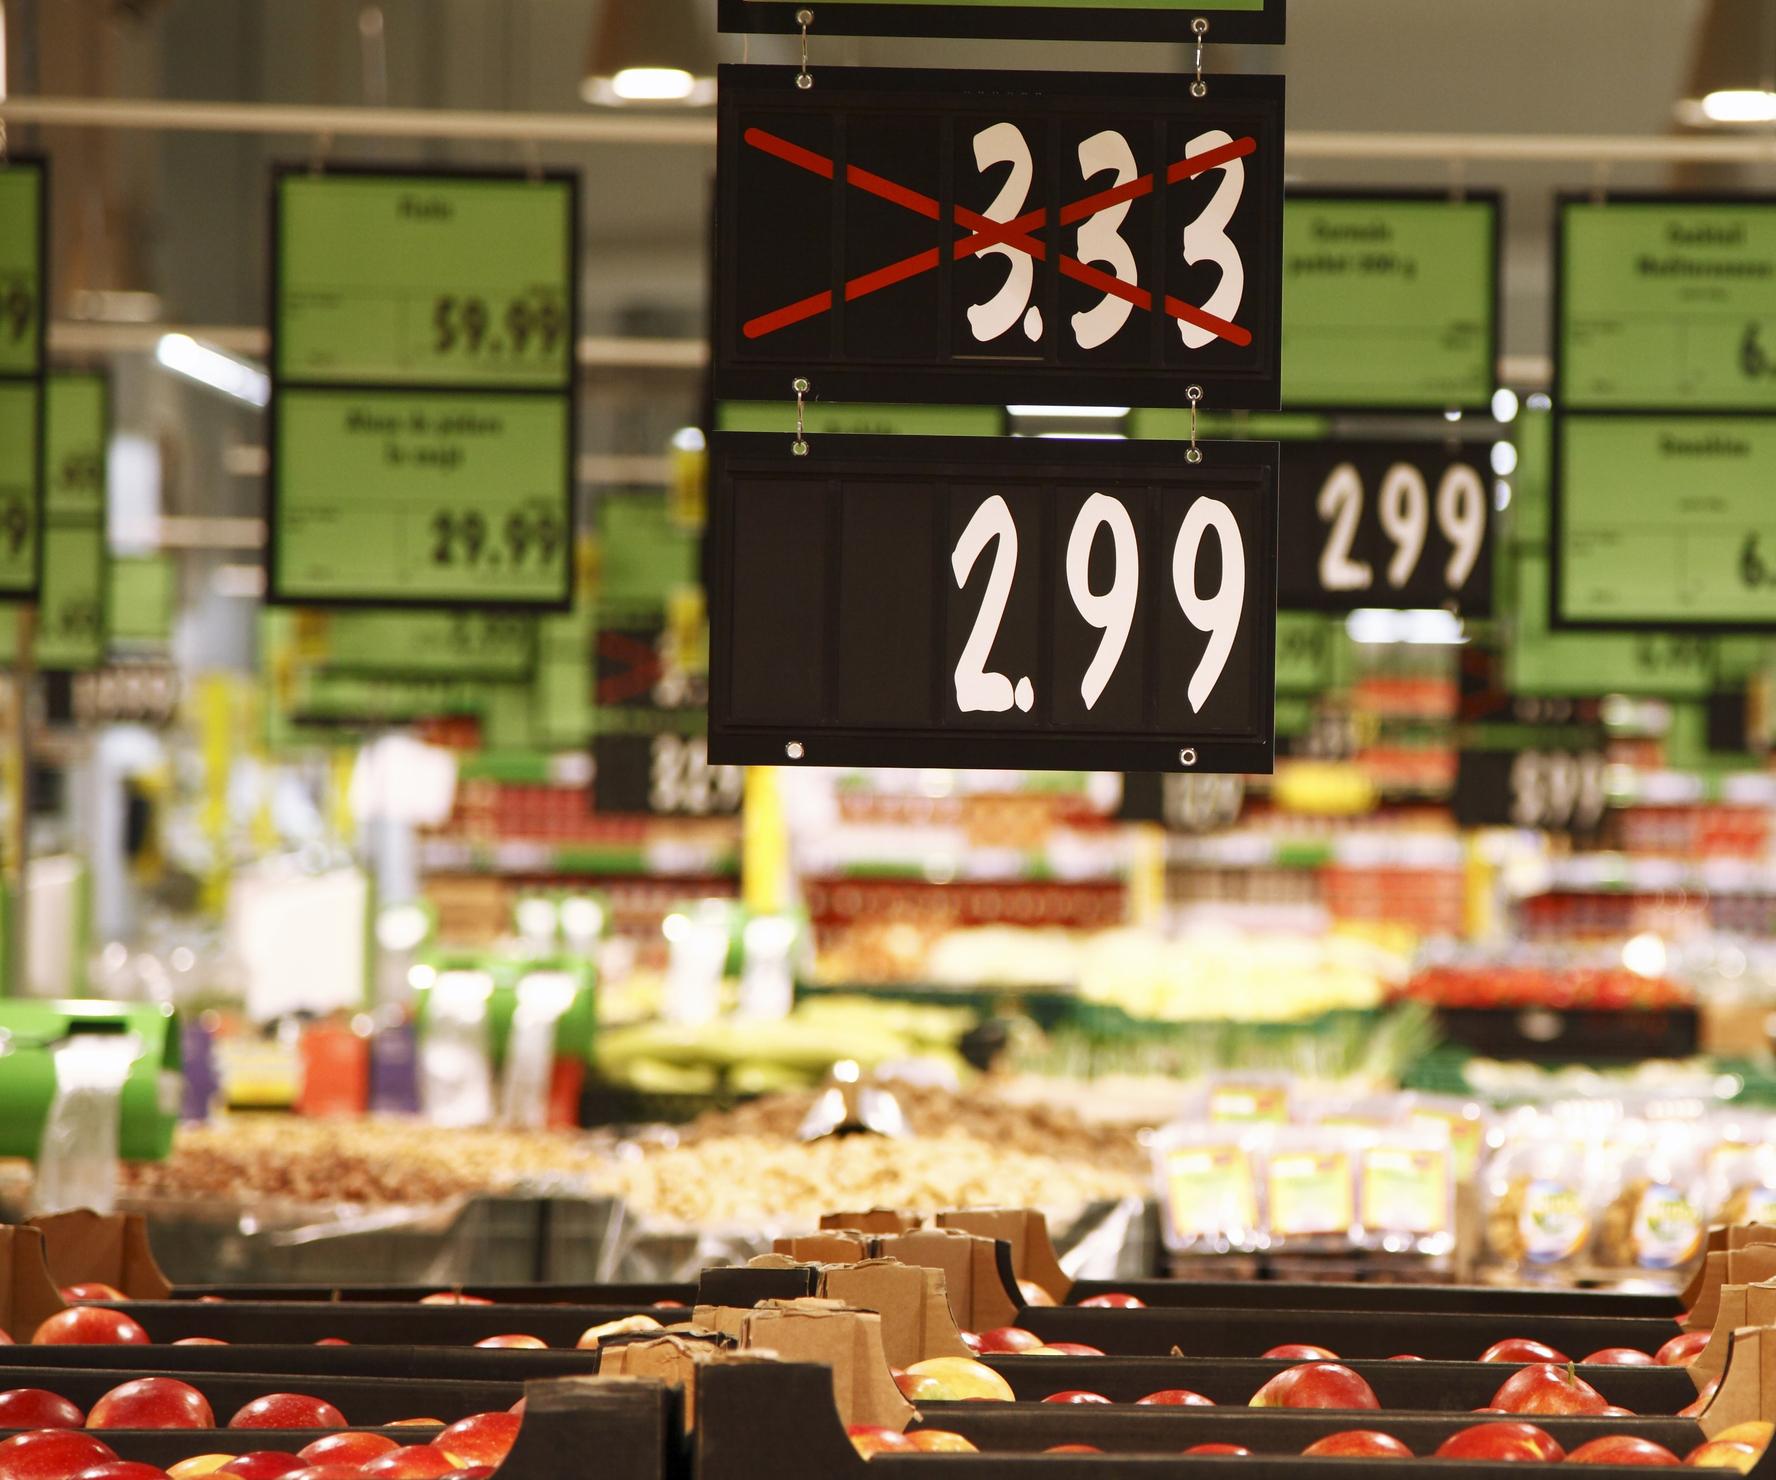 Rebaixamento de preço: importância para seu supermercado